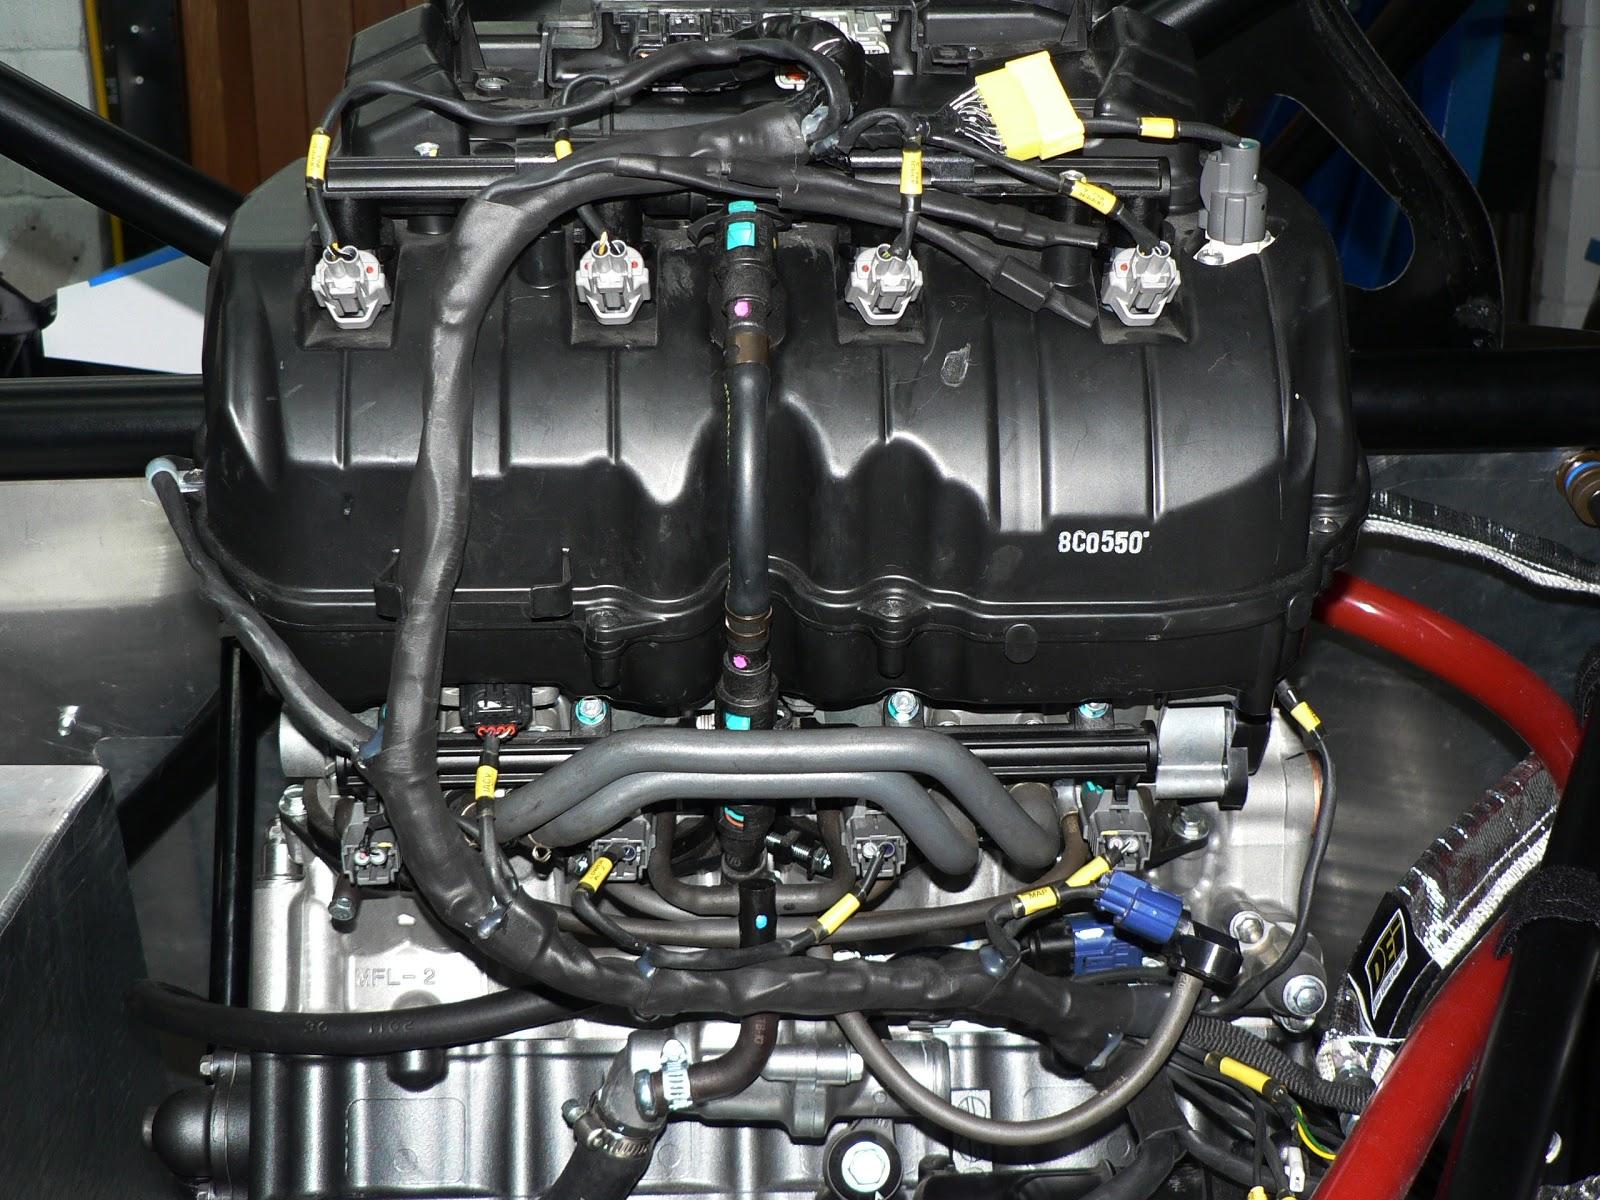 Engine wiring loom | Spire GT-3 Build